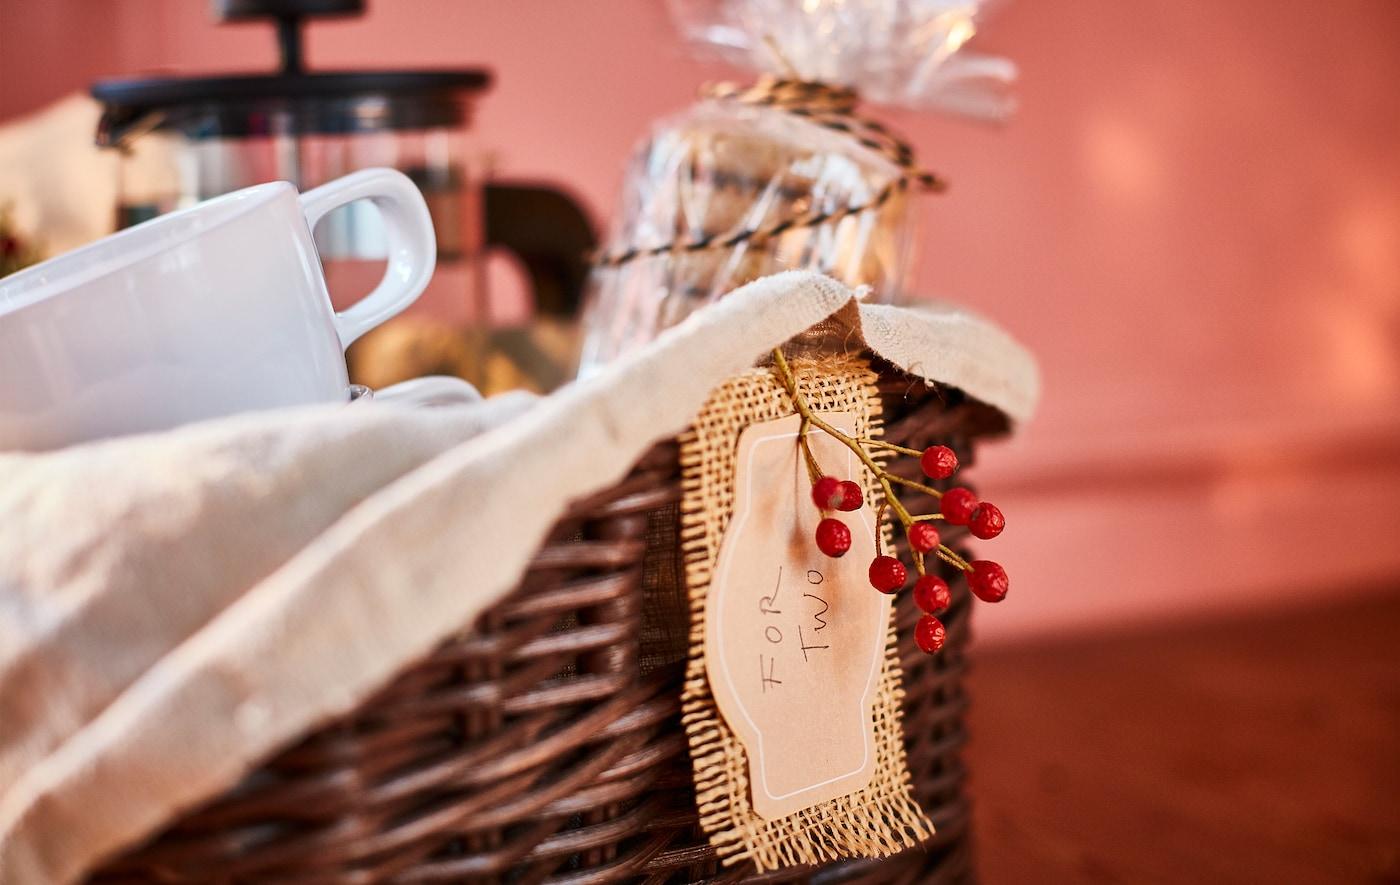 Gavekurv med småkager pakket ind i cellofan, kopper, stempelkande og dekorationer.